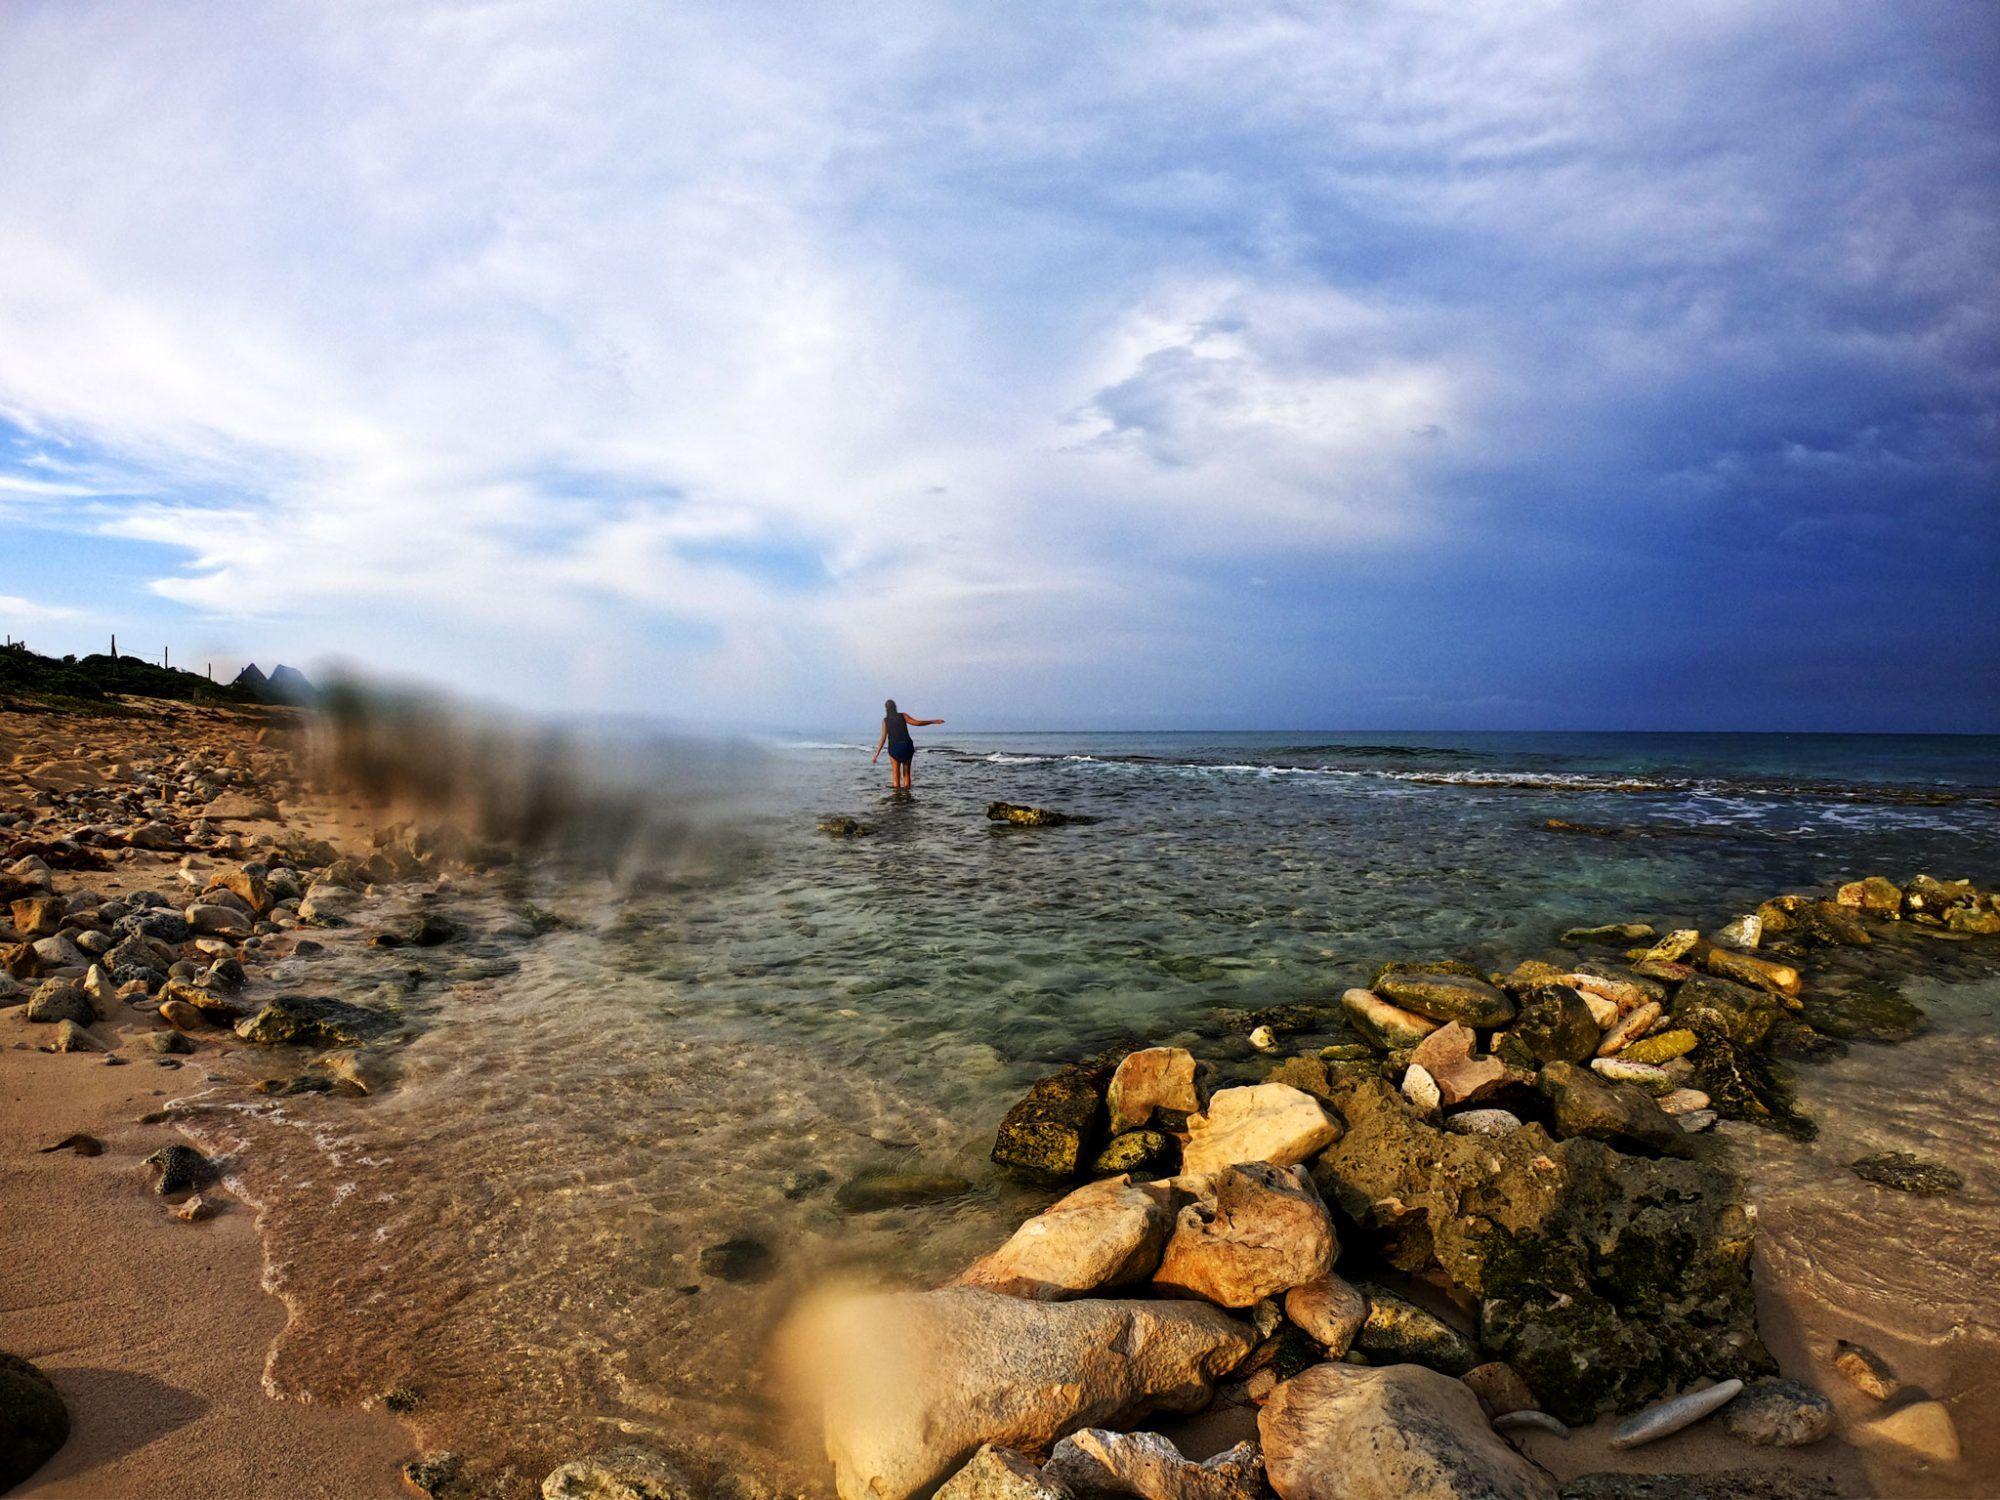 yaguar en el agua